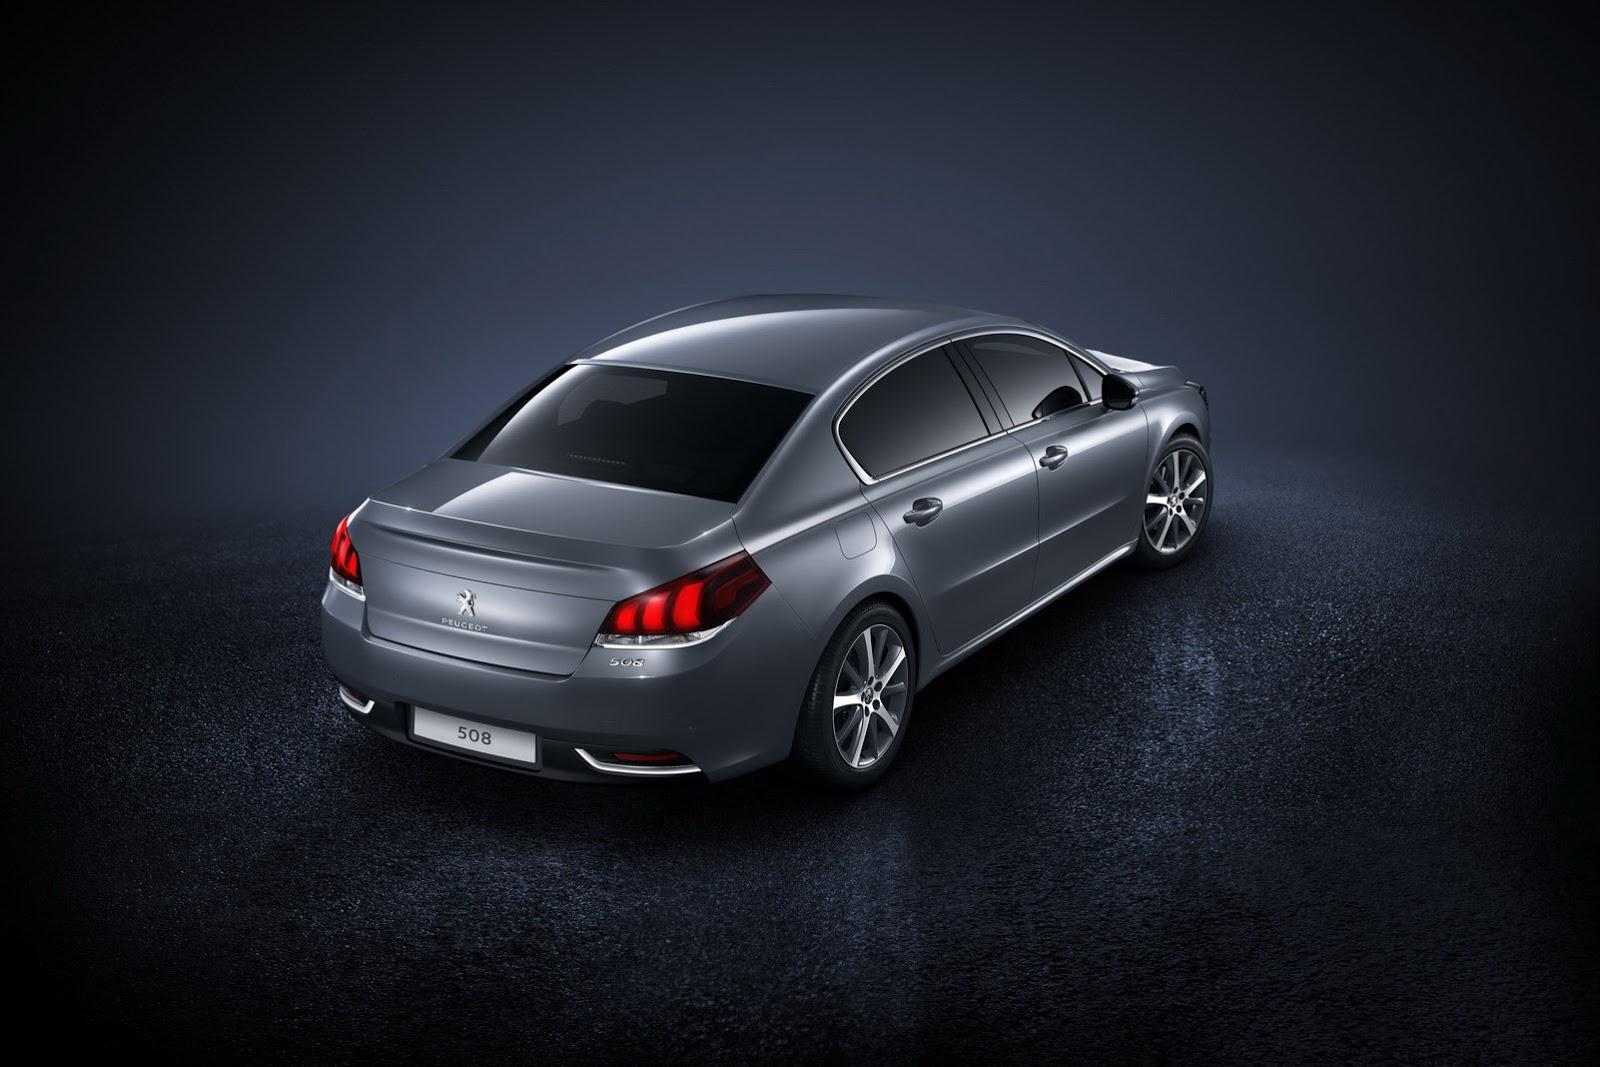 2015-Peugeot-508-7%25255B2%25255D.jpg